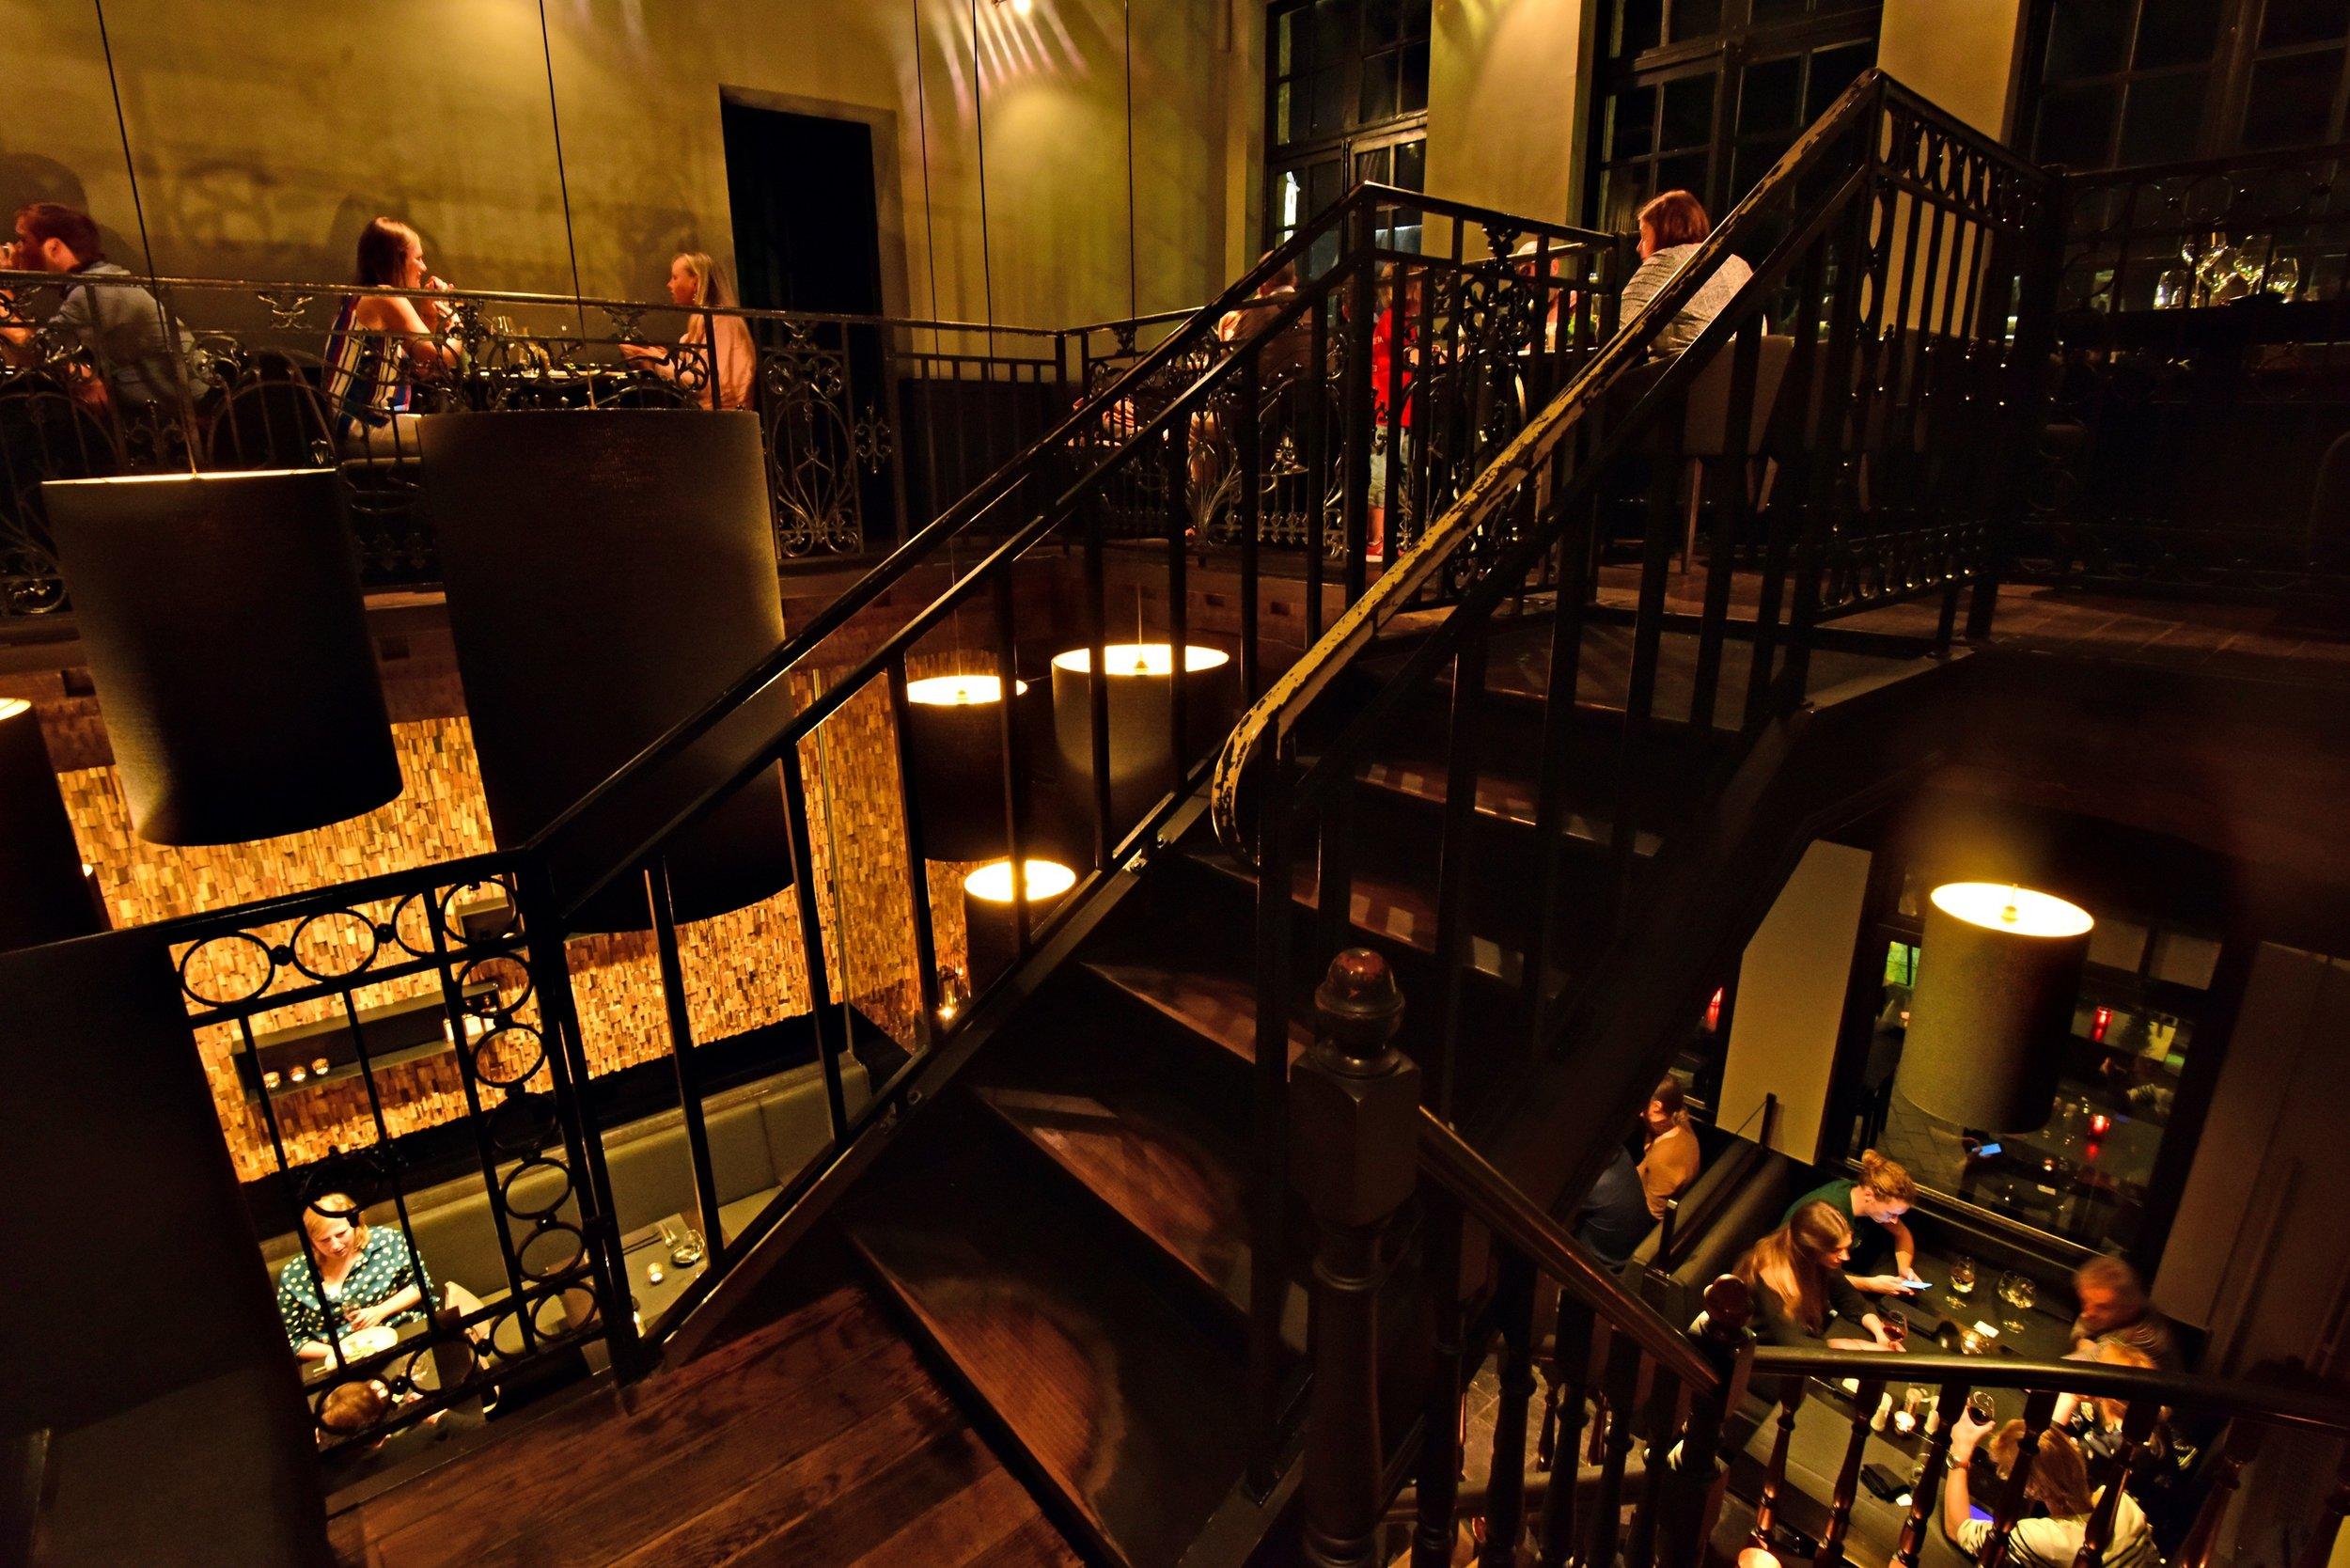 3 restaurant brasserie barley's dendermonde bart albrecht.jpg